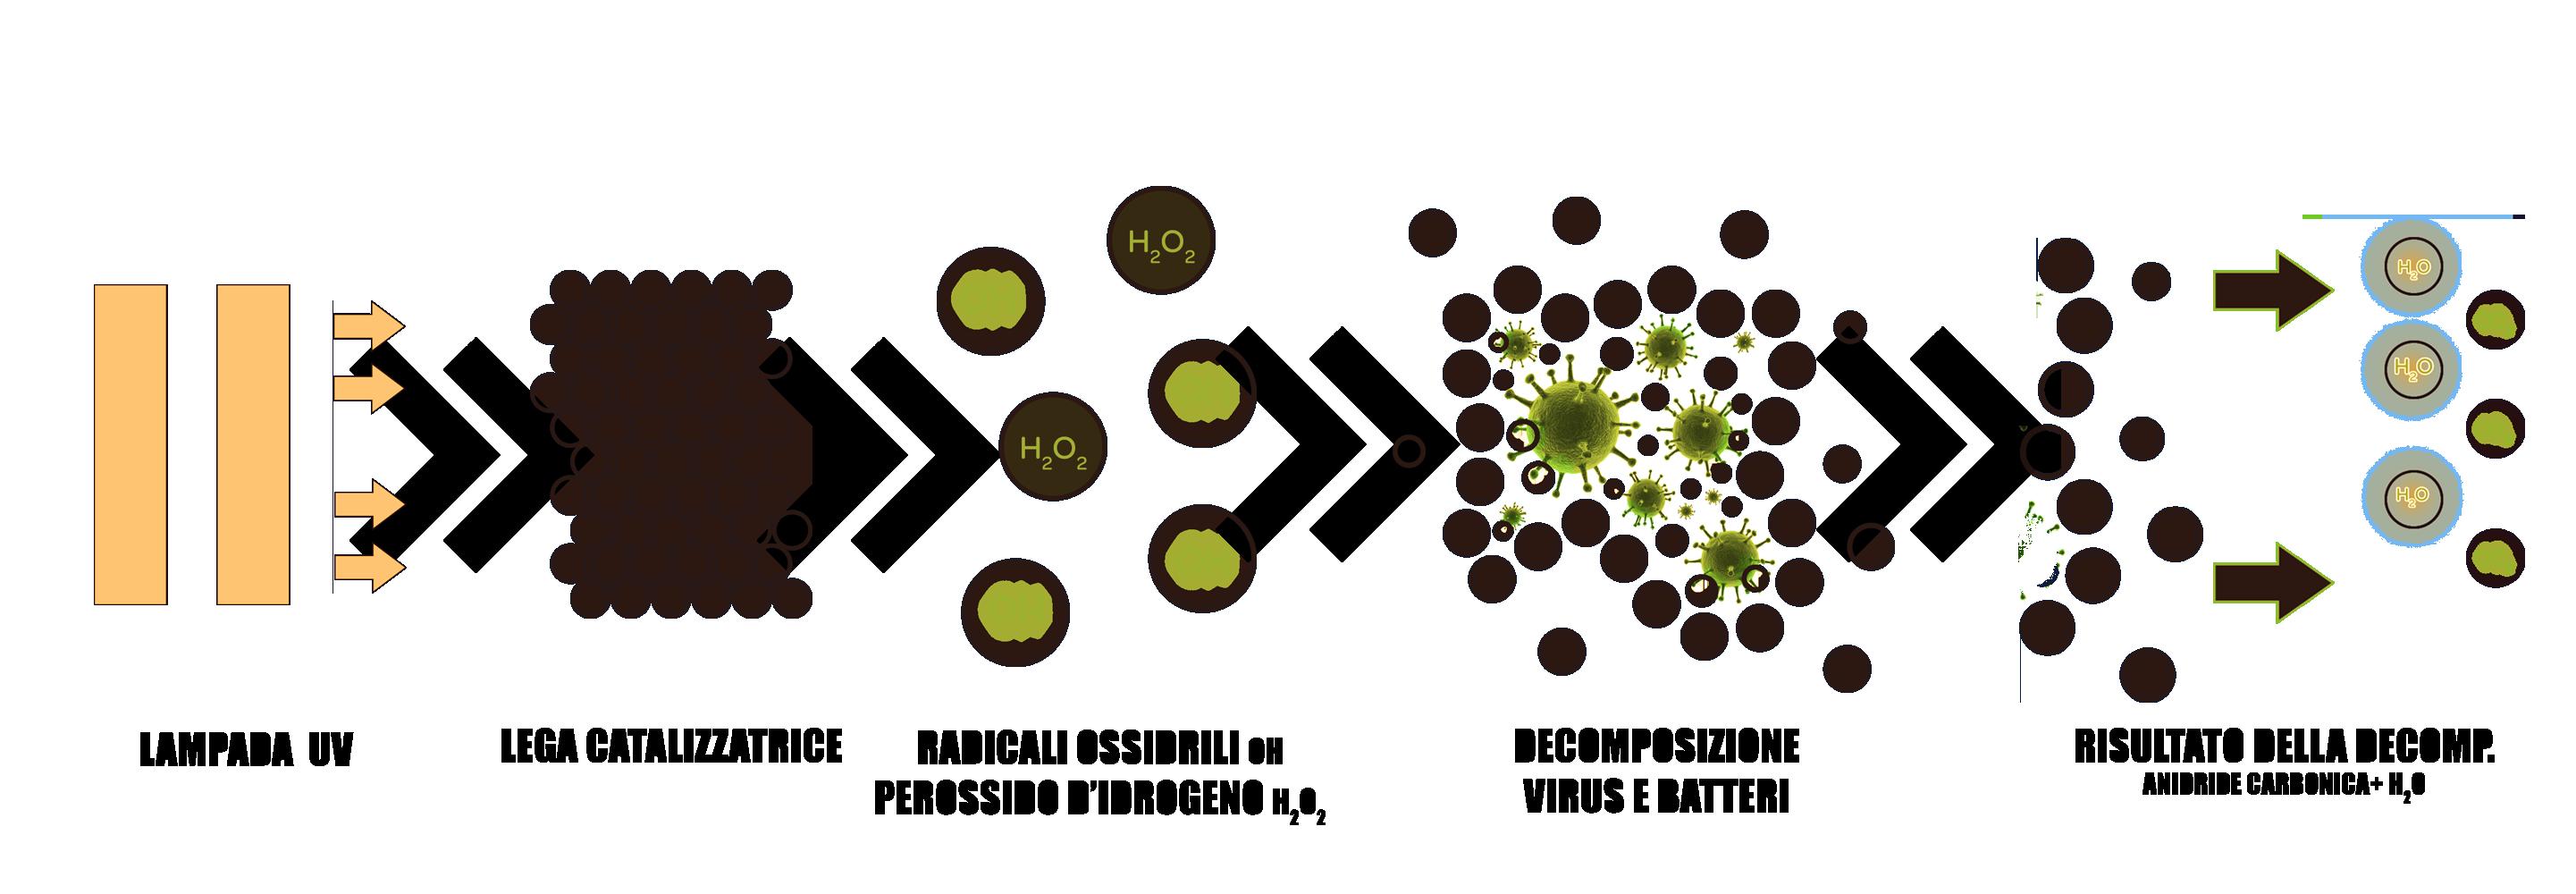 Processo fotocatalisi